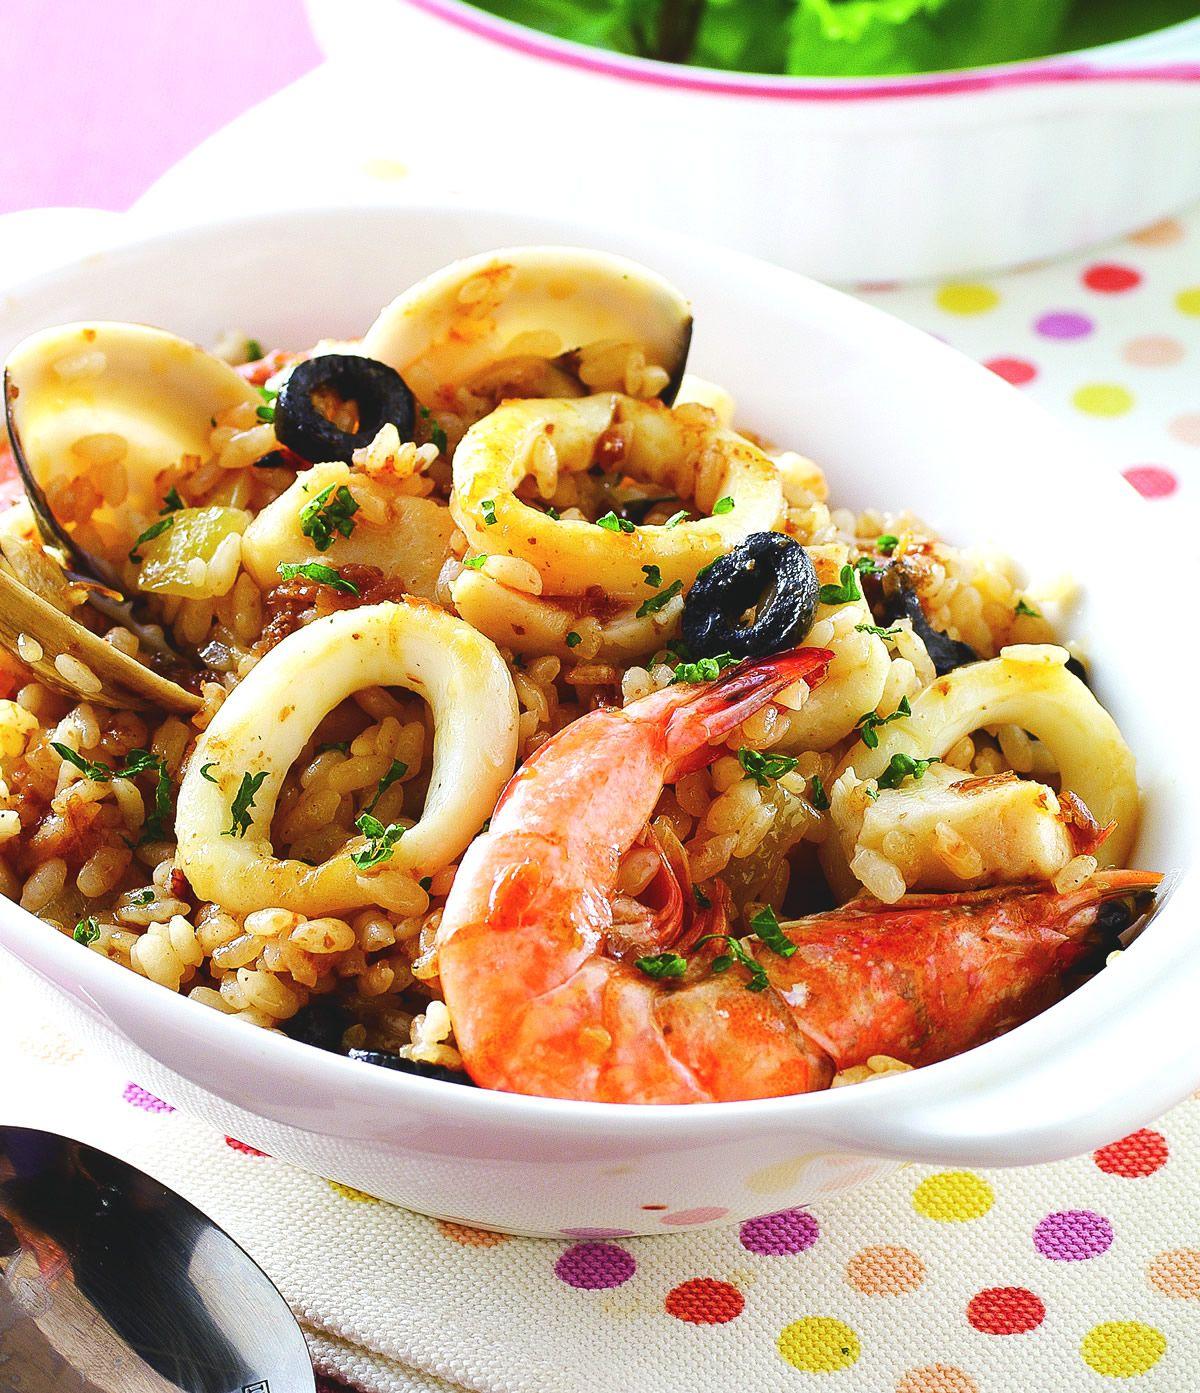 食譜:紅蔥海鮮燉飯